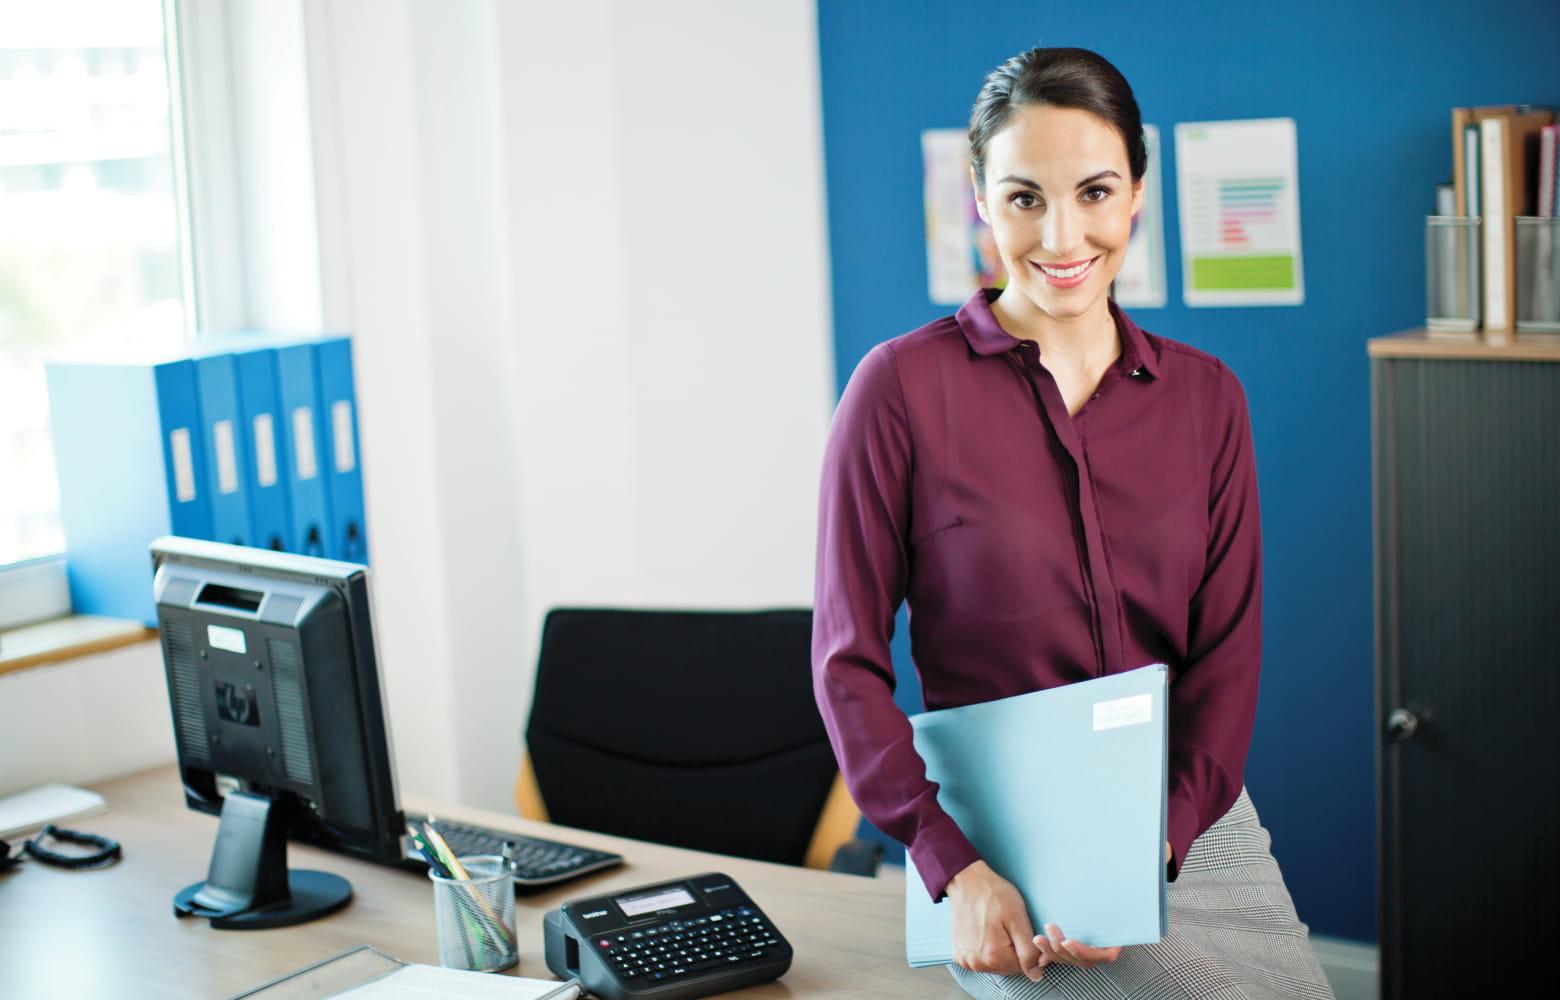 Kvinna på ett kontor med Brother P-touch märkta mappar